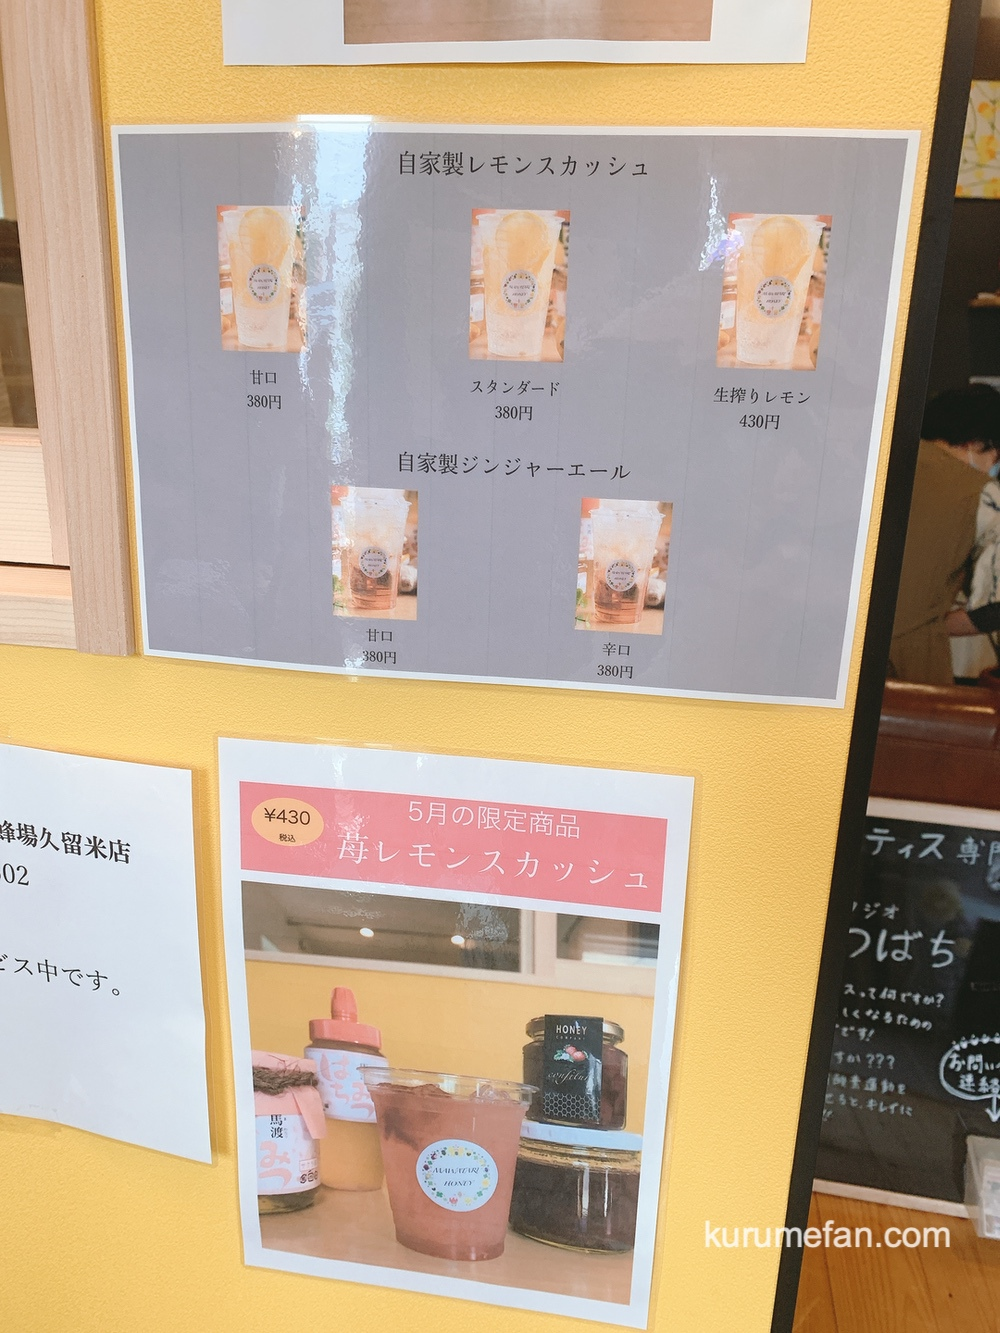 馬渡養蜂場 久留米店 テイクアウトカフェ メニュー レモンスカッシュ